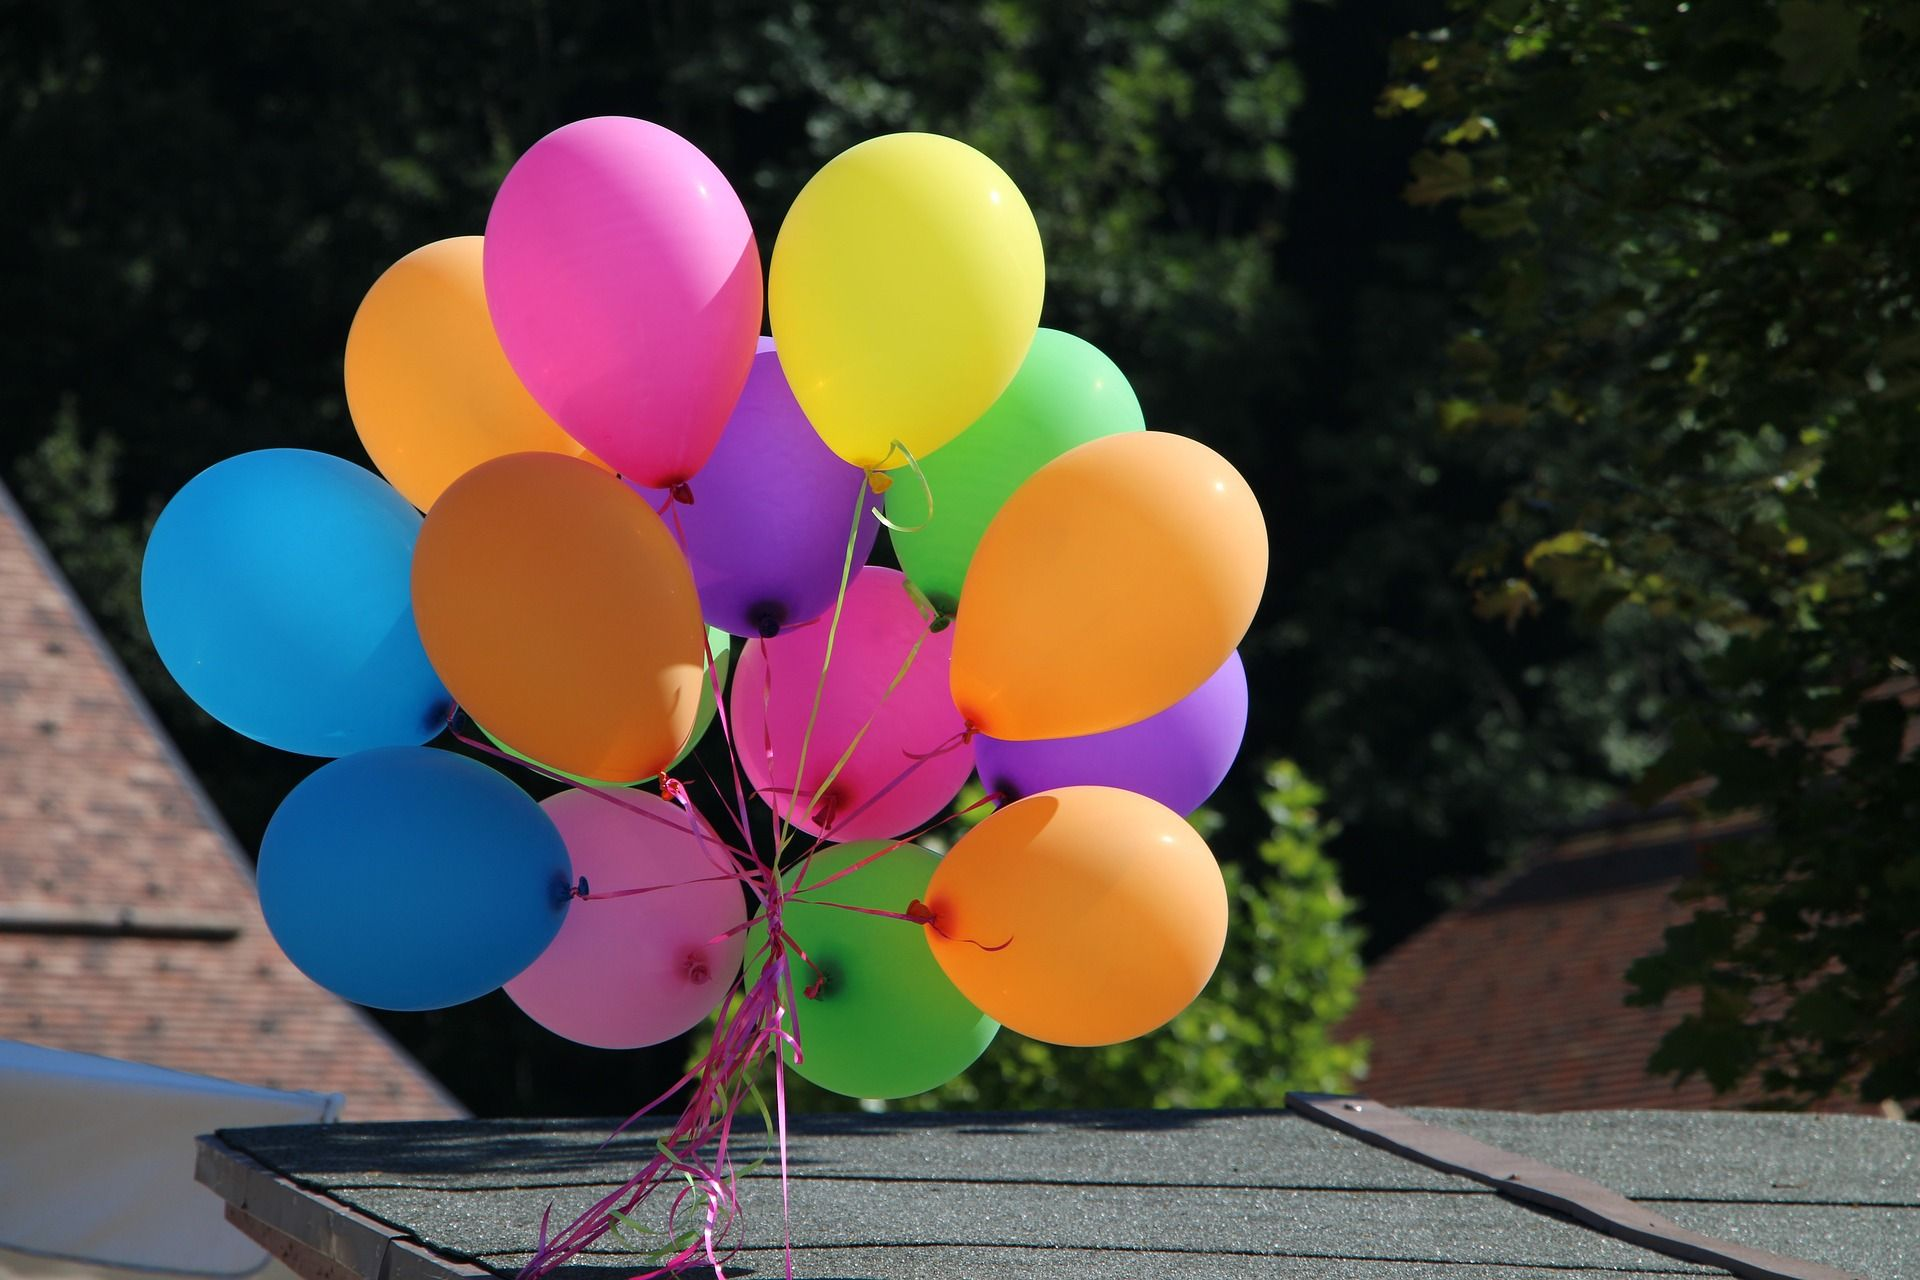 Luftballons in verschiedenen Farben